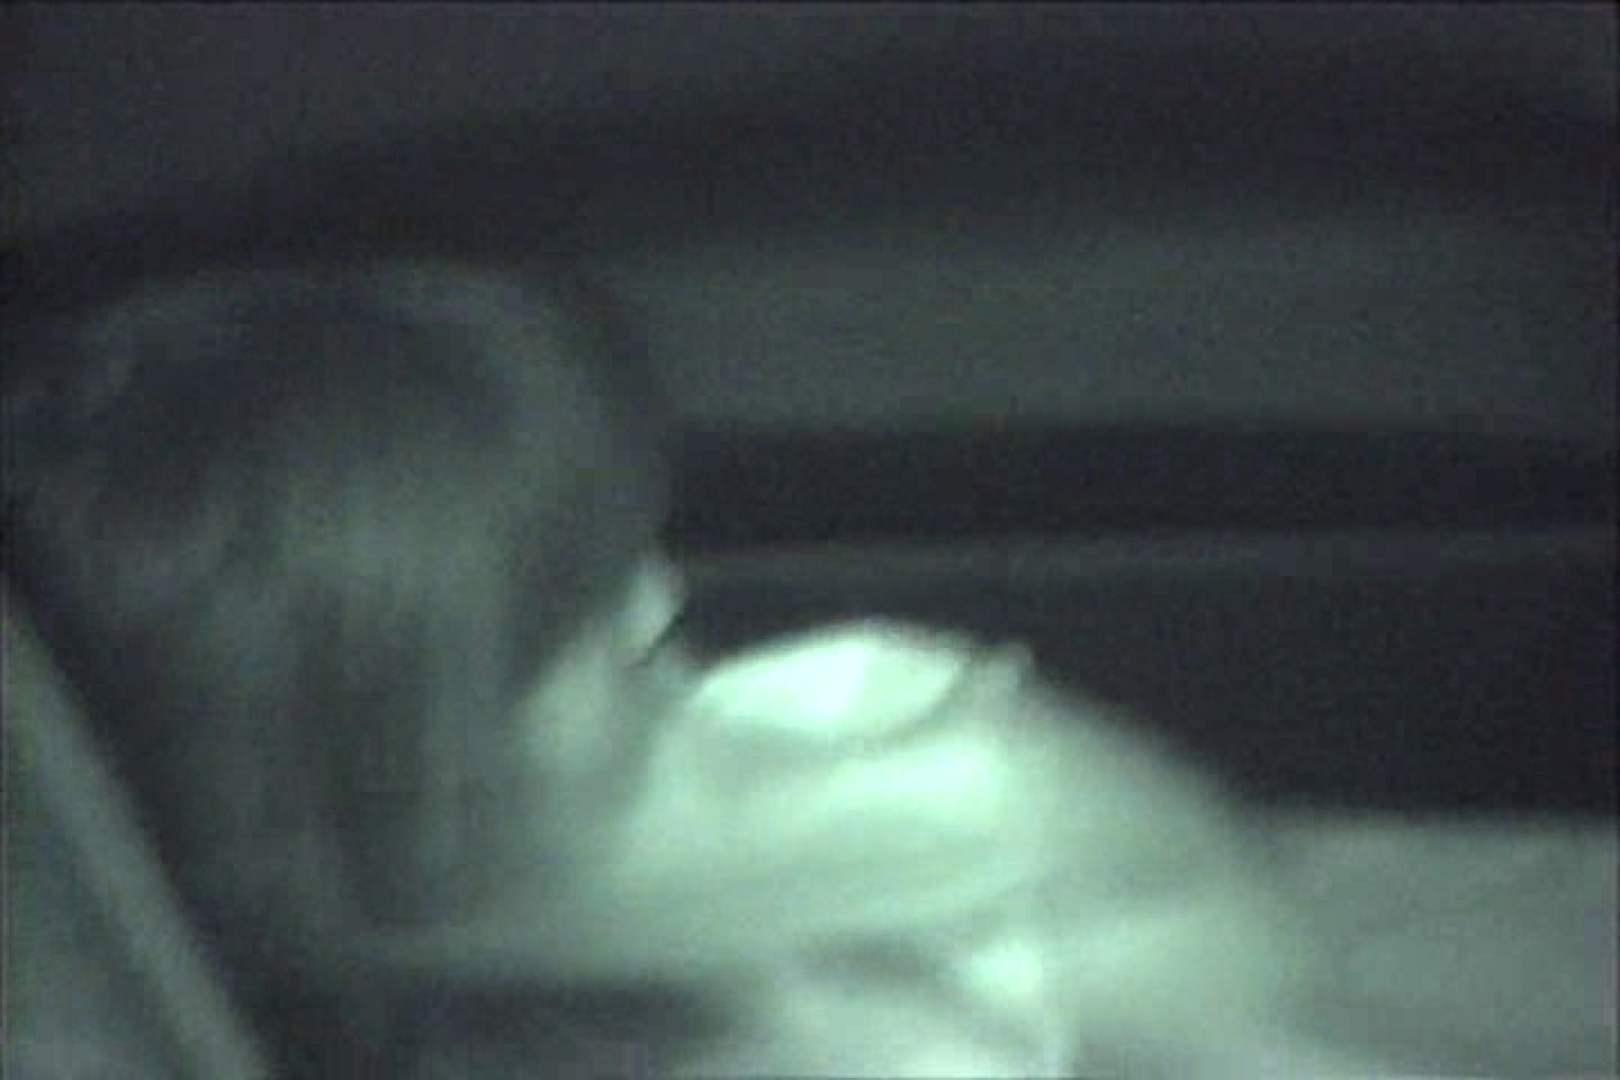 車の中はラブホテル 無修正版  Vol.17 マンコ  76枚 75